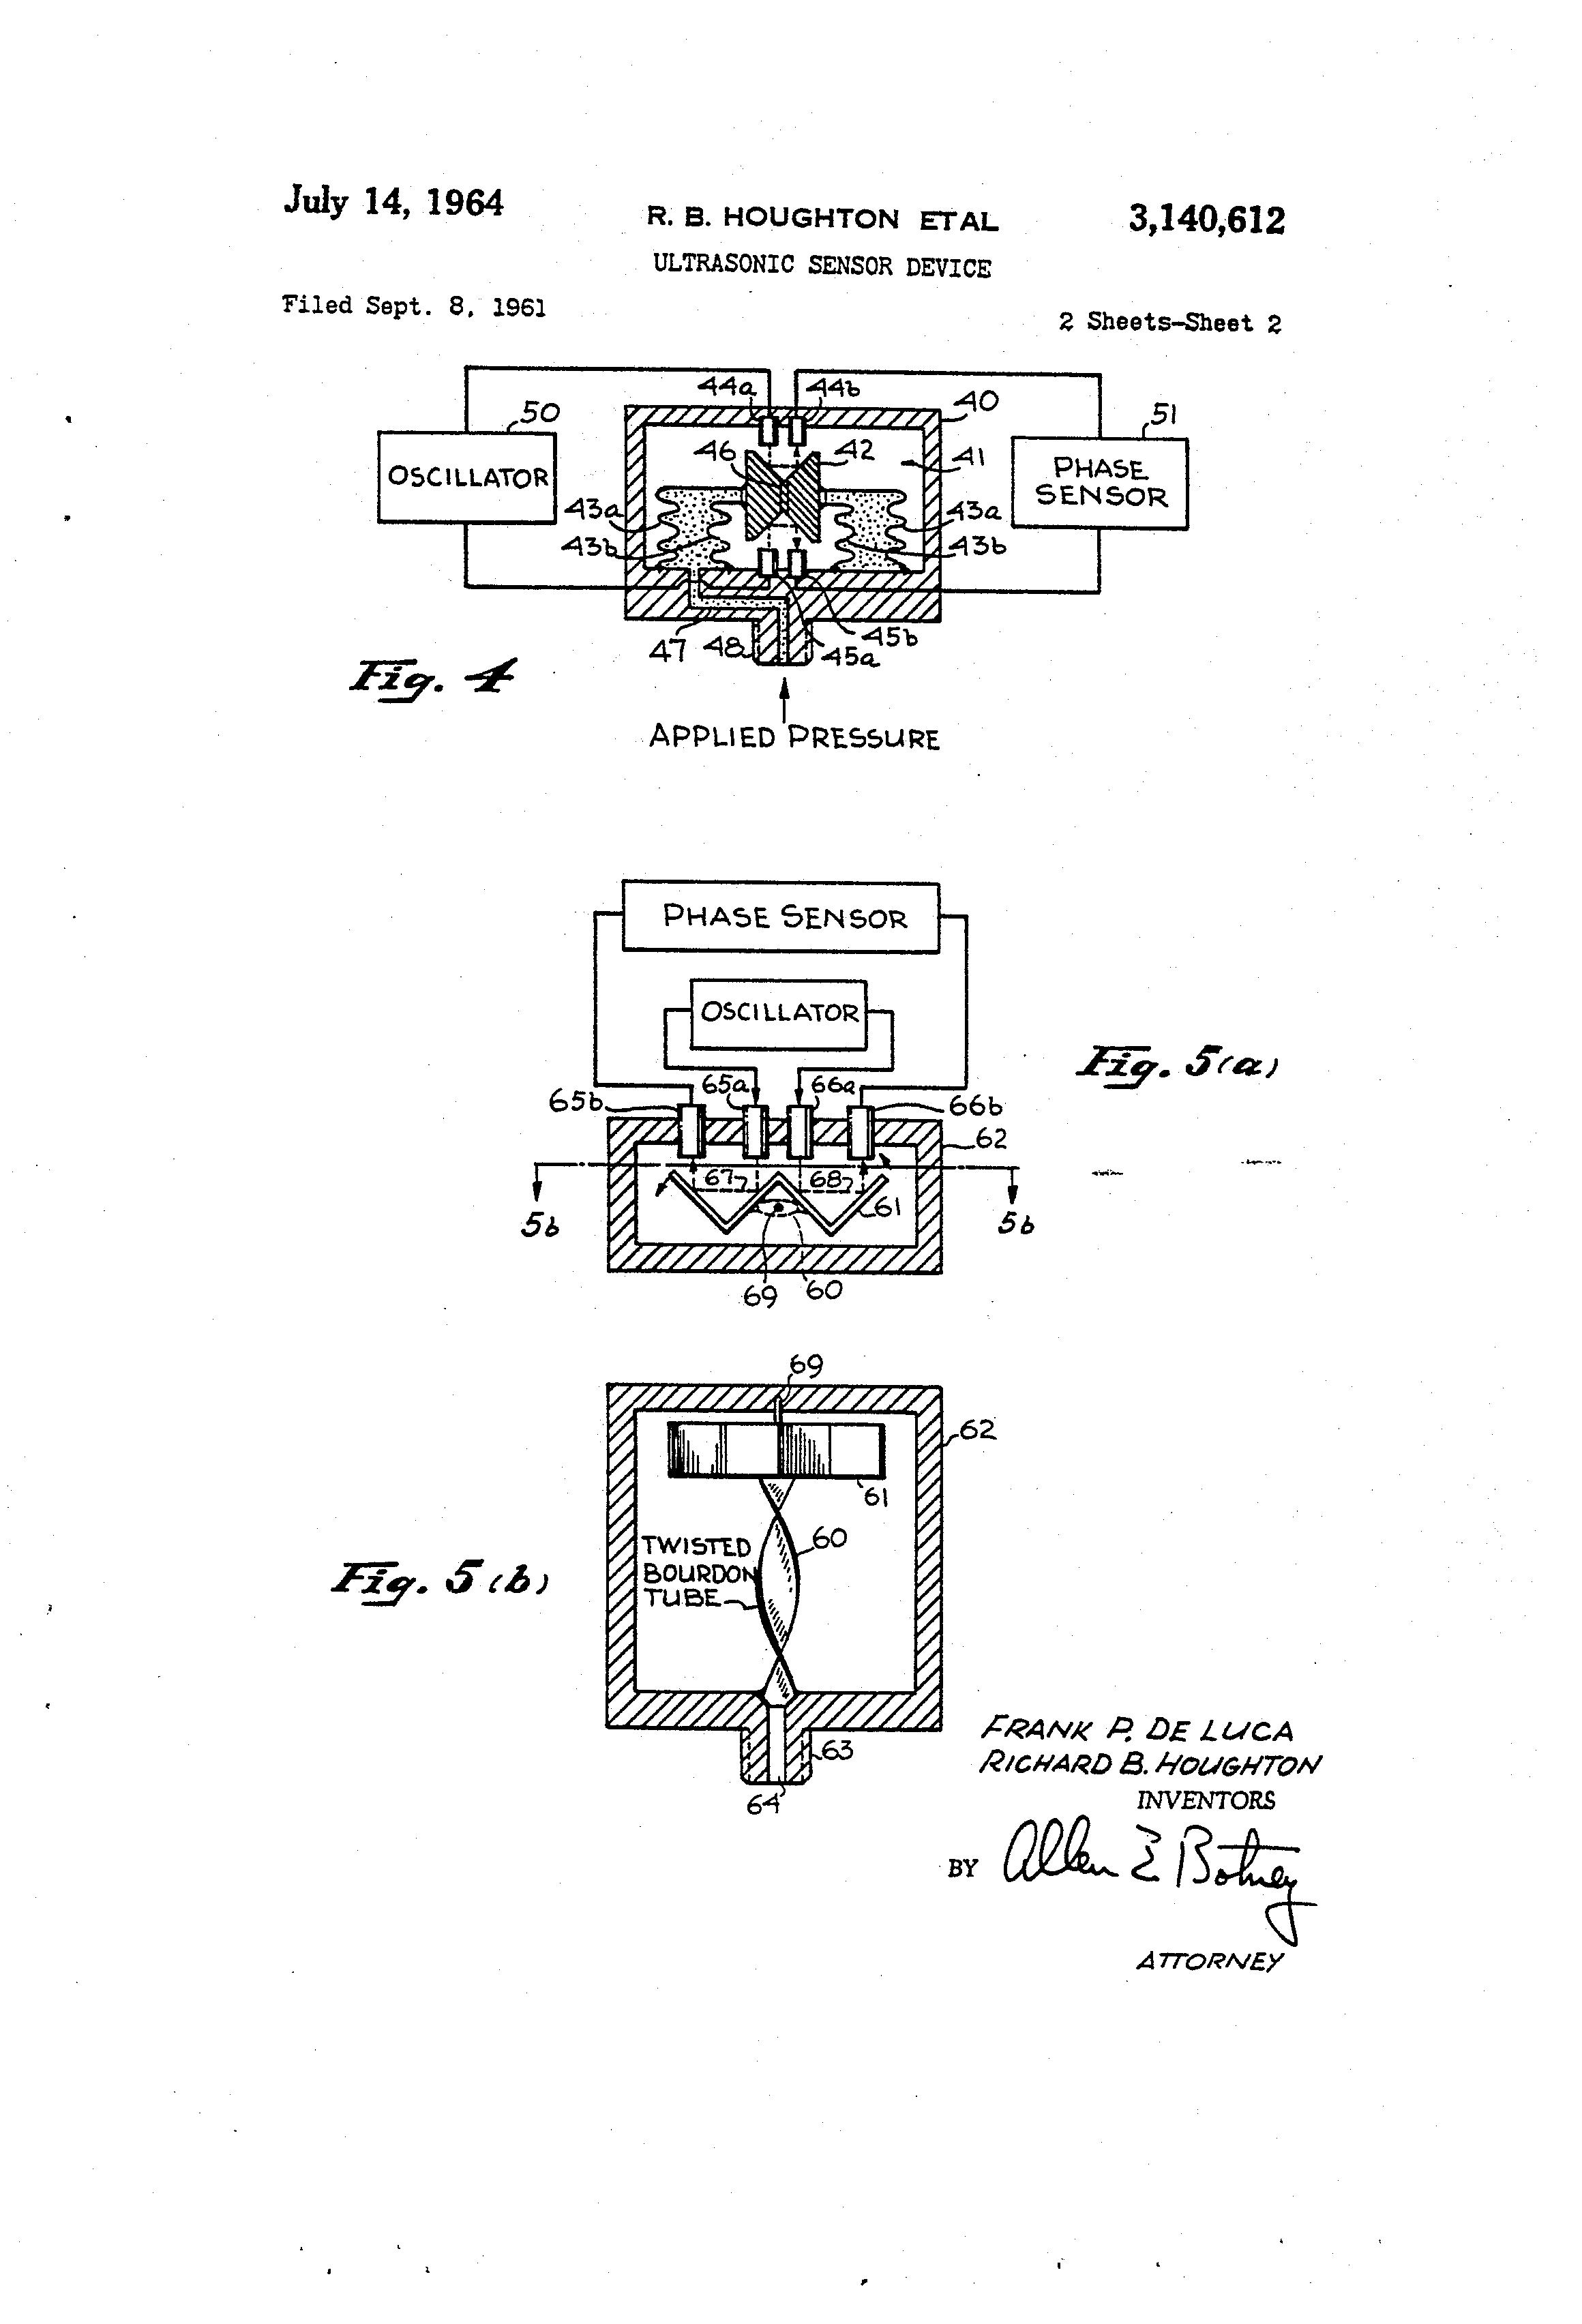 براءة الاختراع US3140612 - Ultrasonic sensor device - on